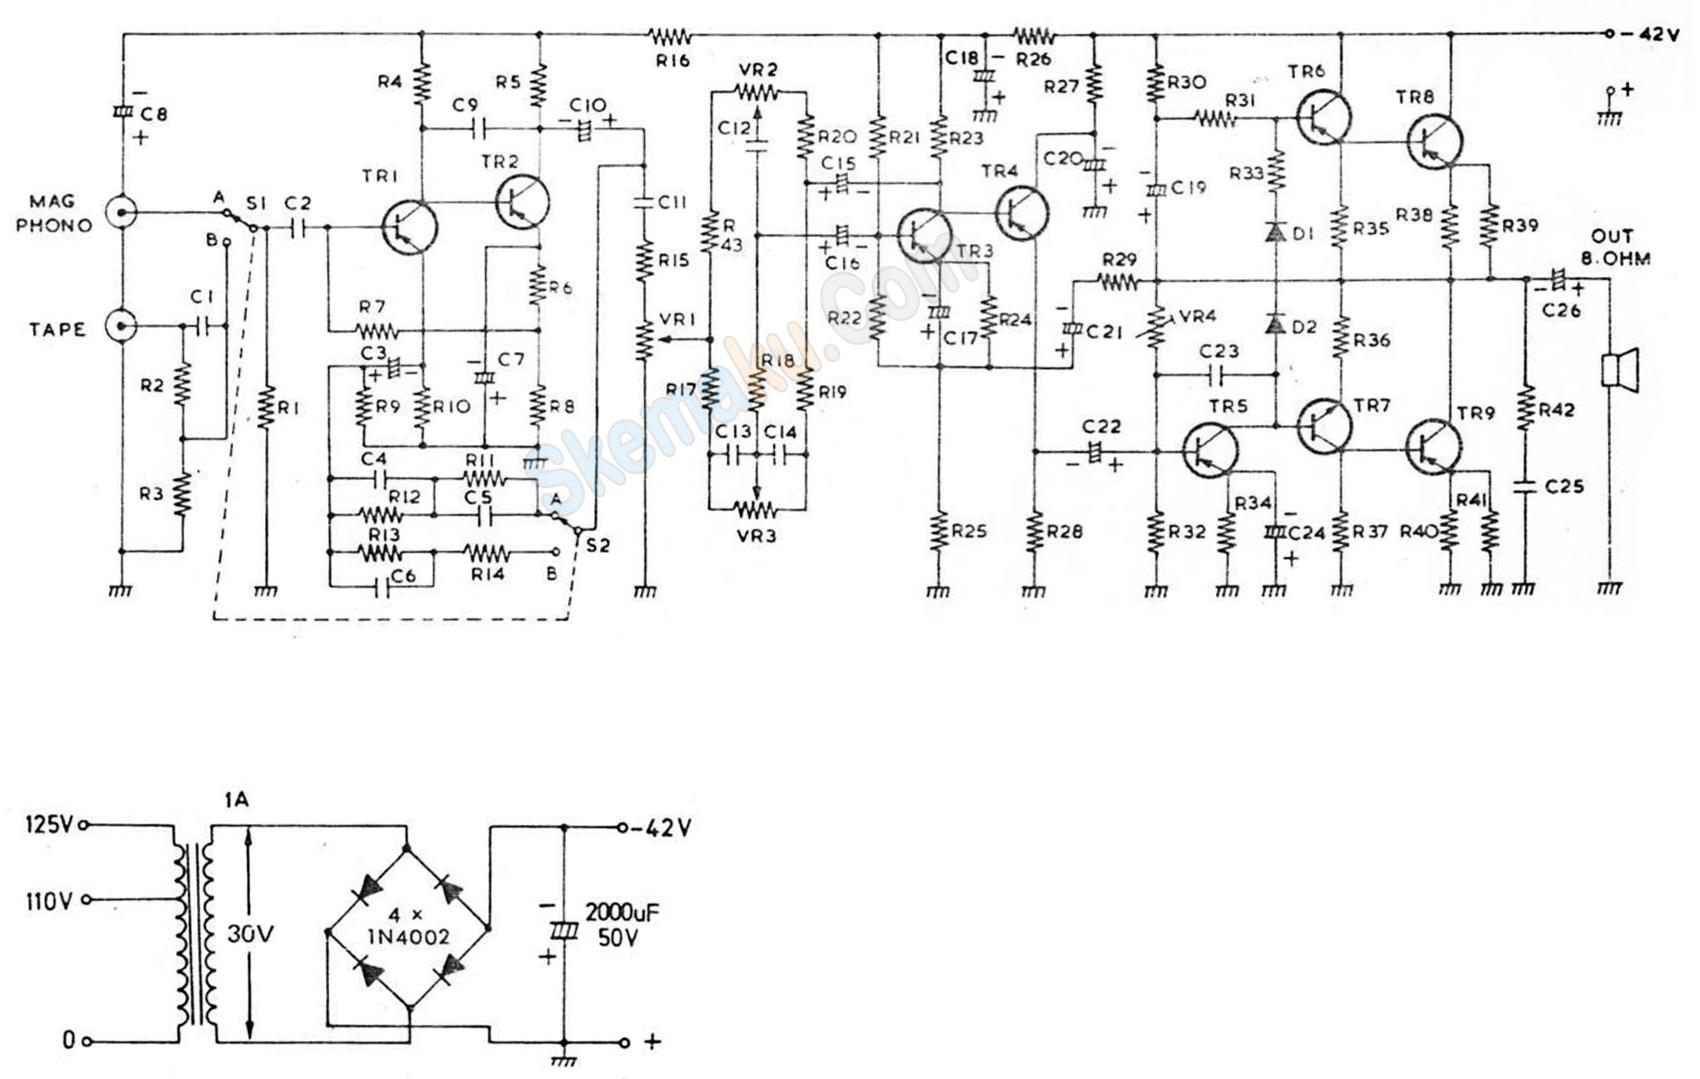 rangkaian amplifier otl 15 watt